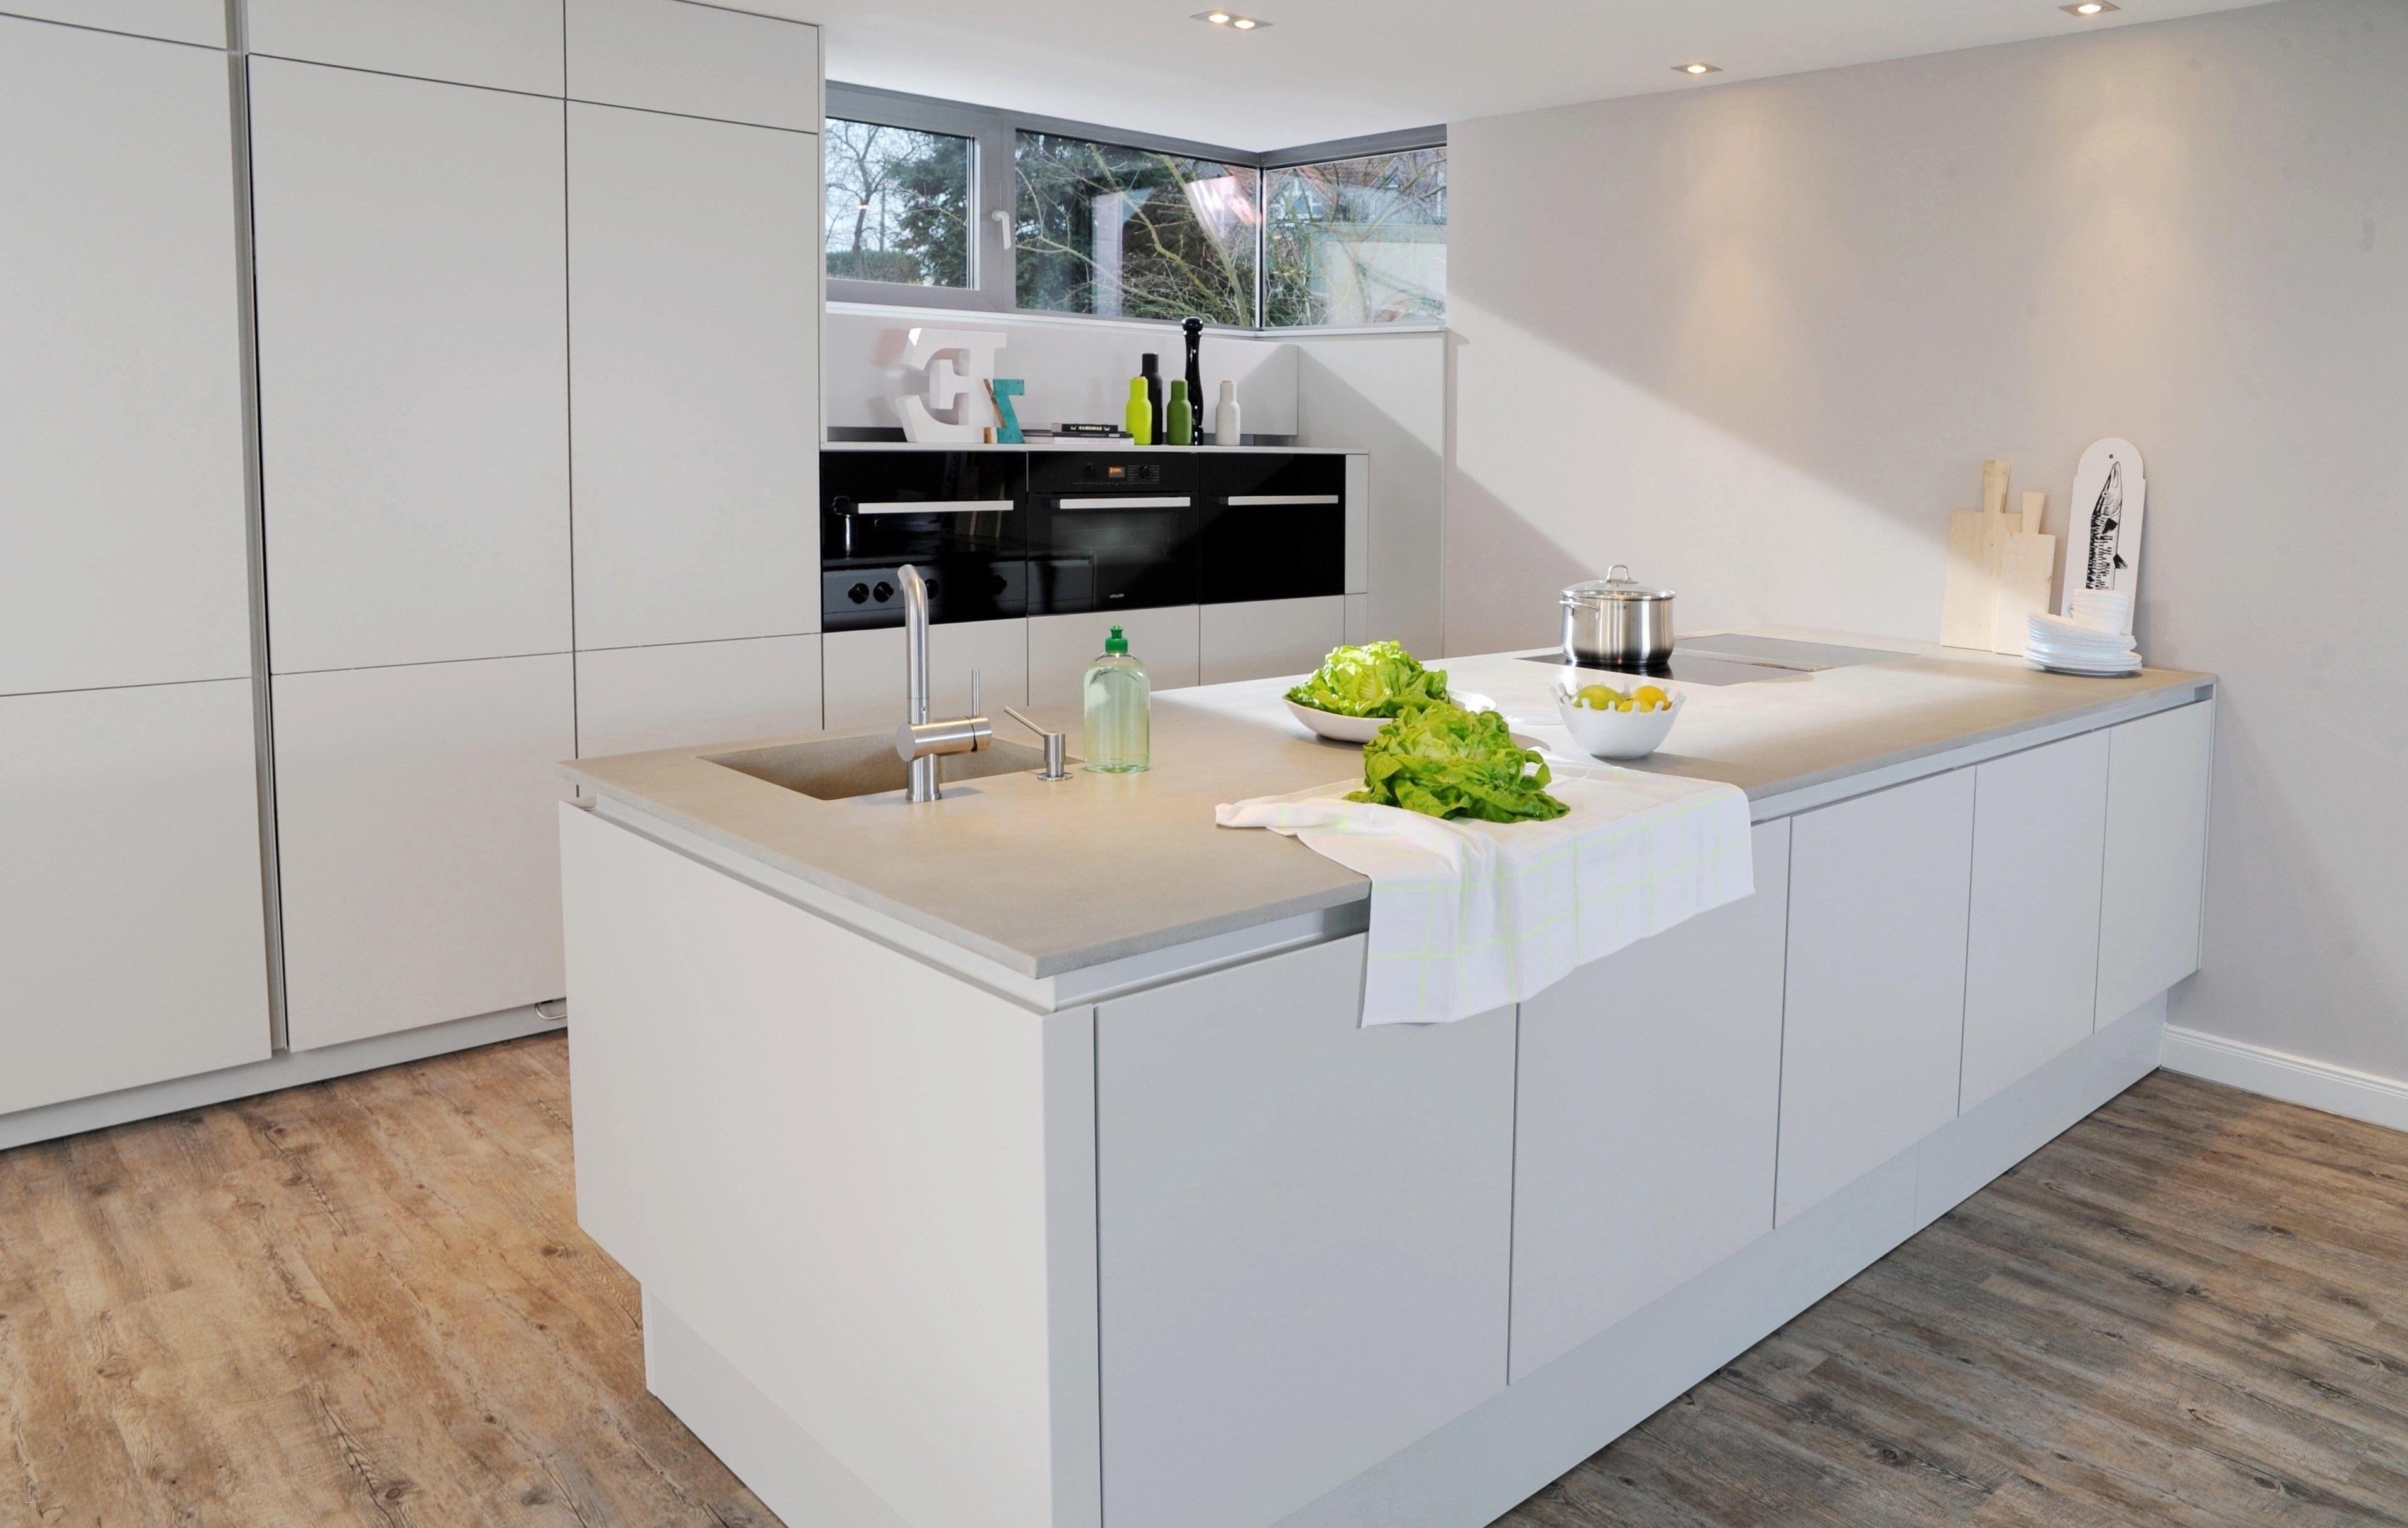 25 Frisch Küche Wandgestaltung Kitchen, Kitchen